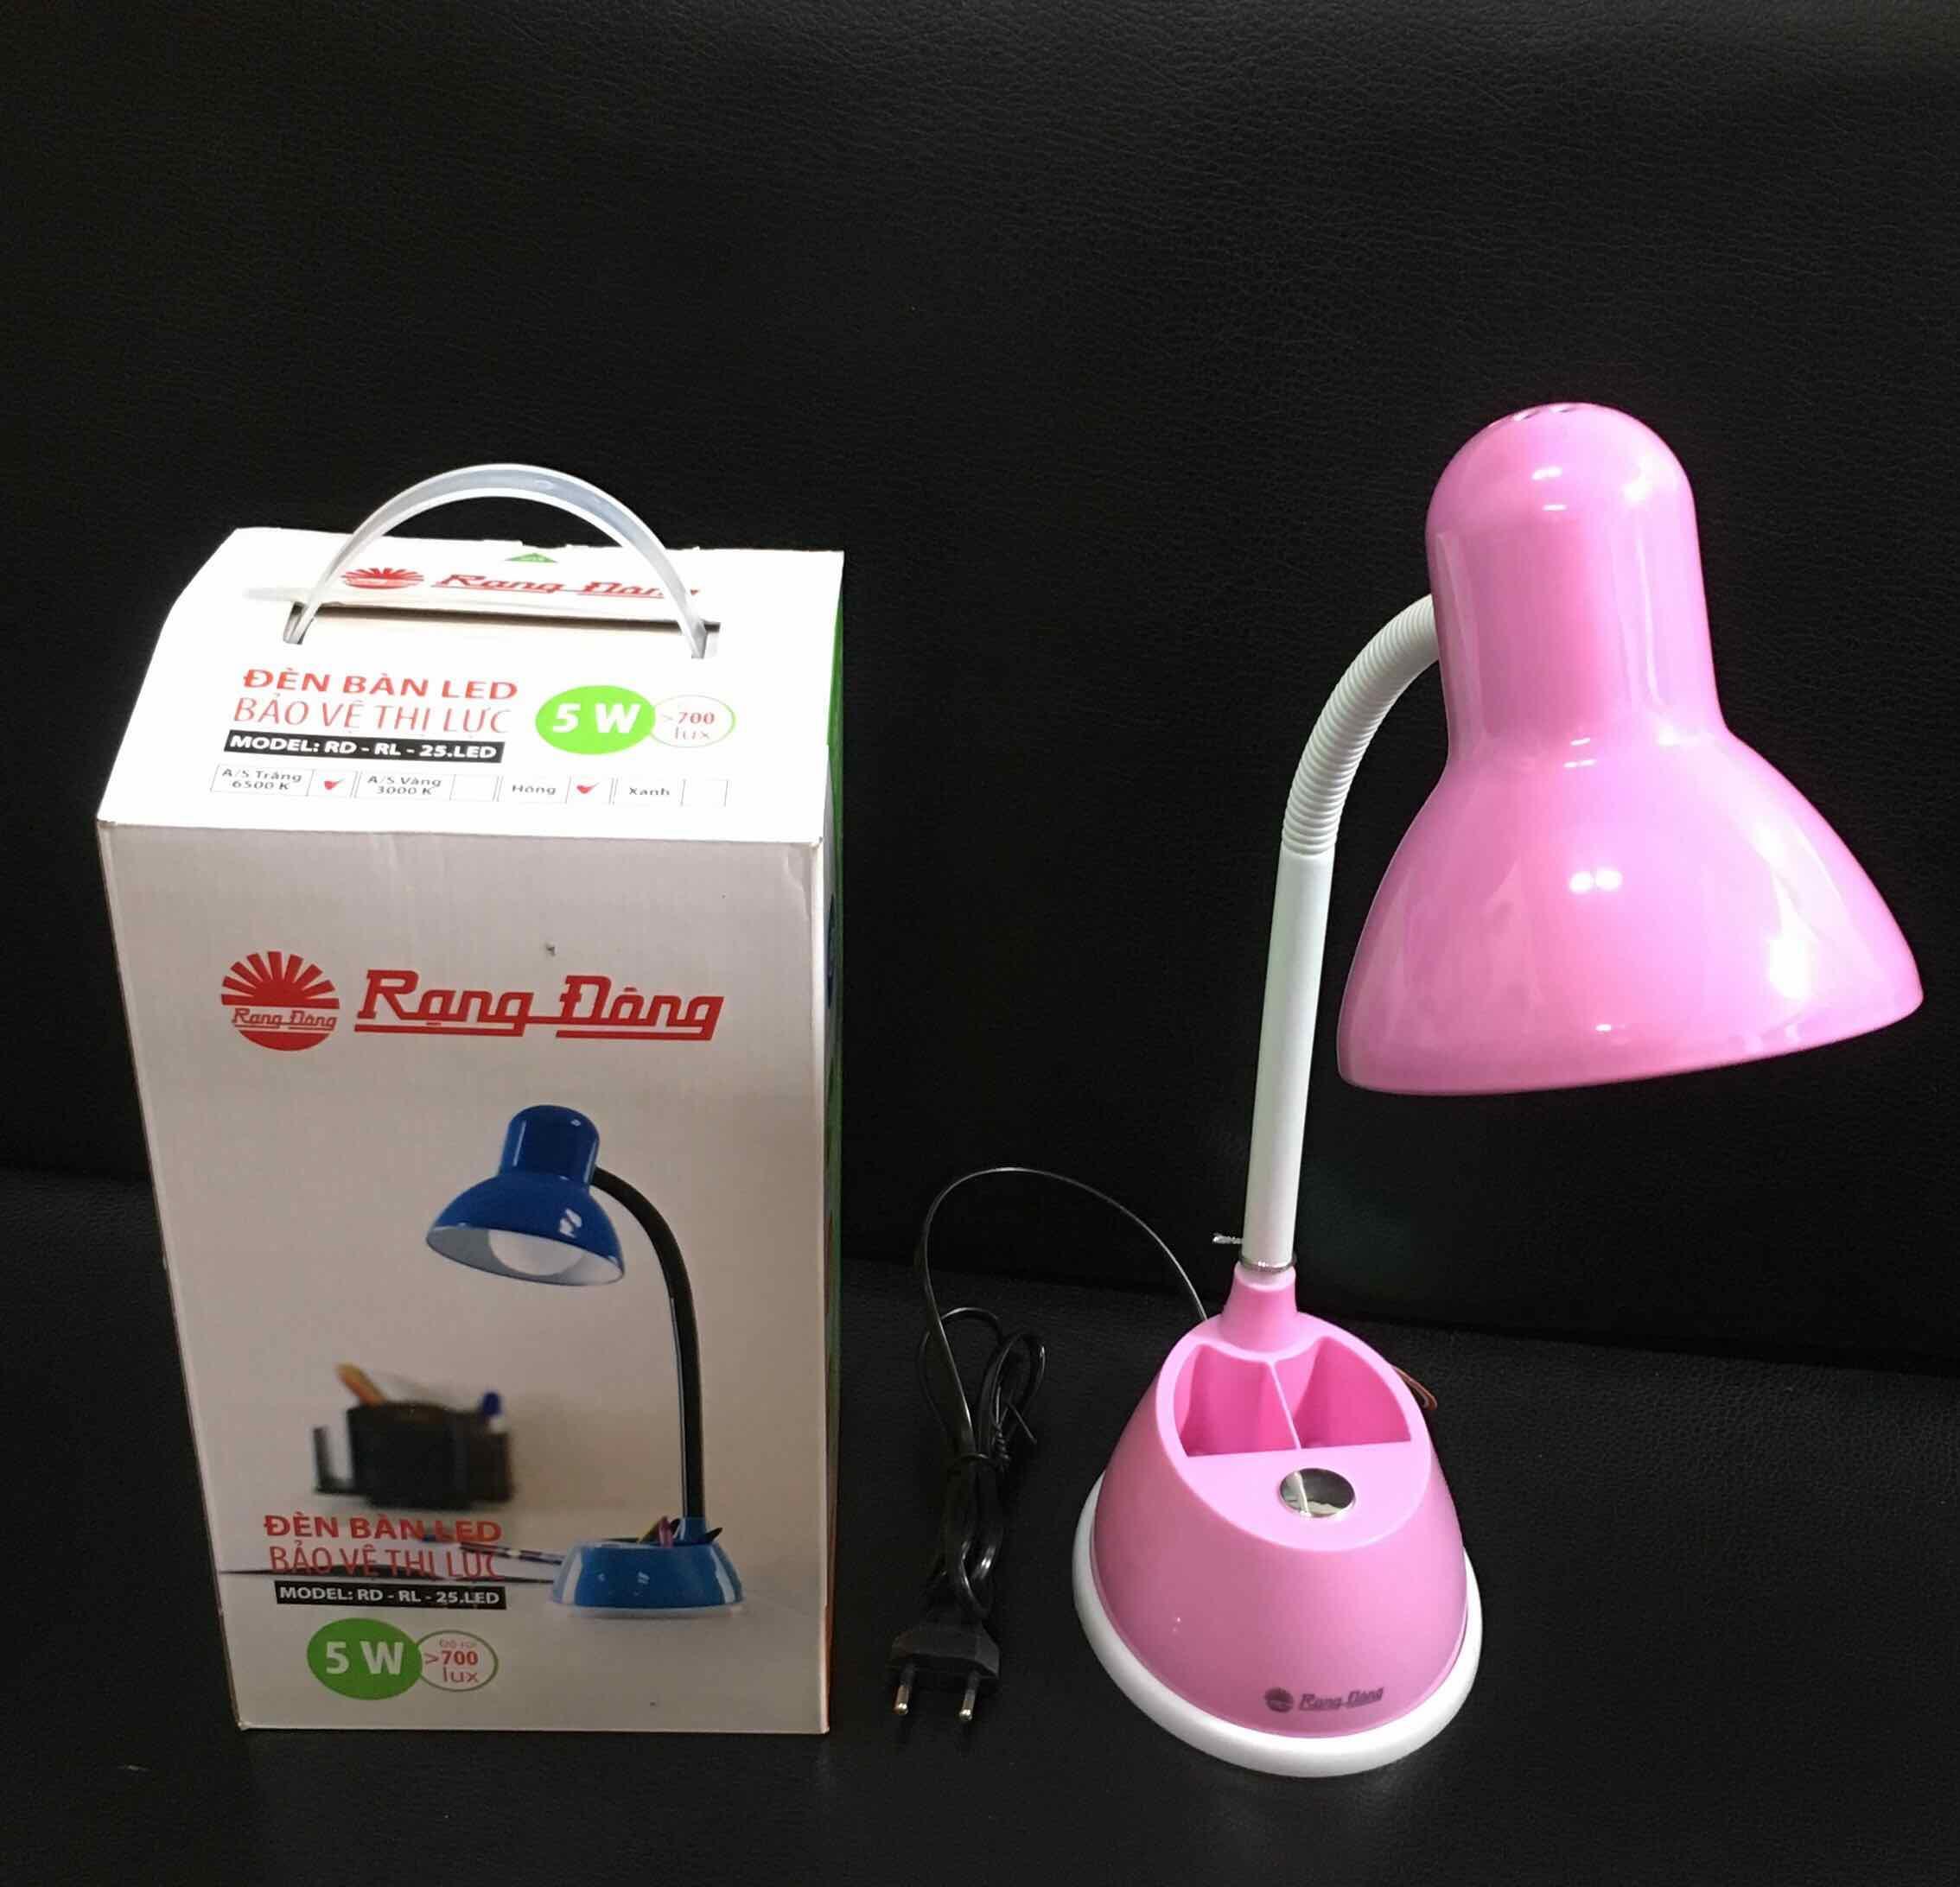 Đèn bàn LED Rạng Đông 5W bảo vệ thị lực, thay bóng dễ dàng, không tia UV & cực tím. RL 25